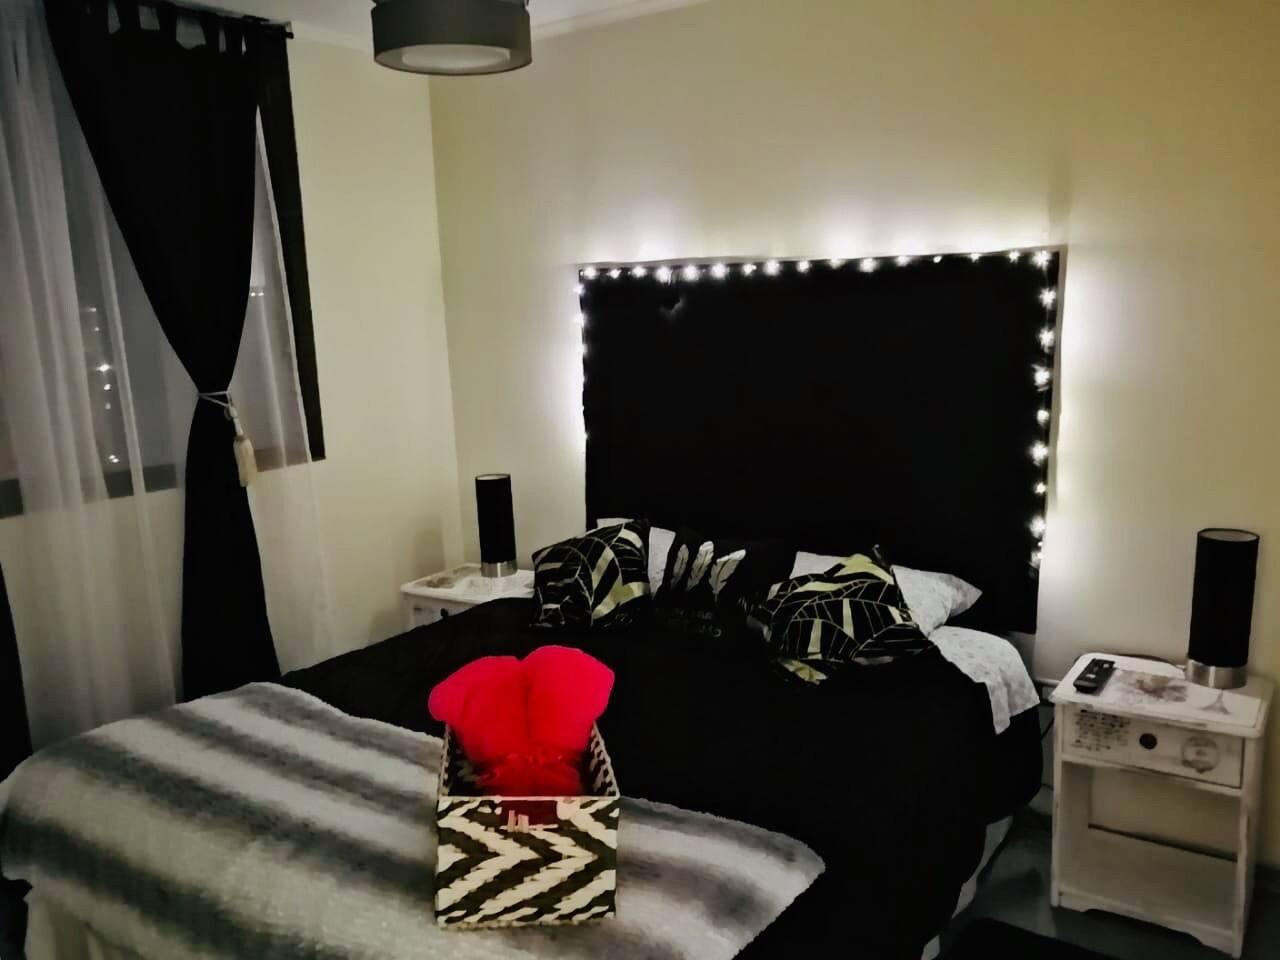 En nuestra habitación con baño en Suite te ofrecemos luces decorativas, con el fin de darle un buen ambiente a tu estadía